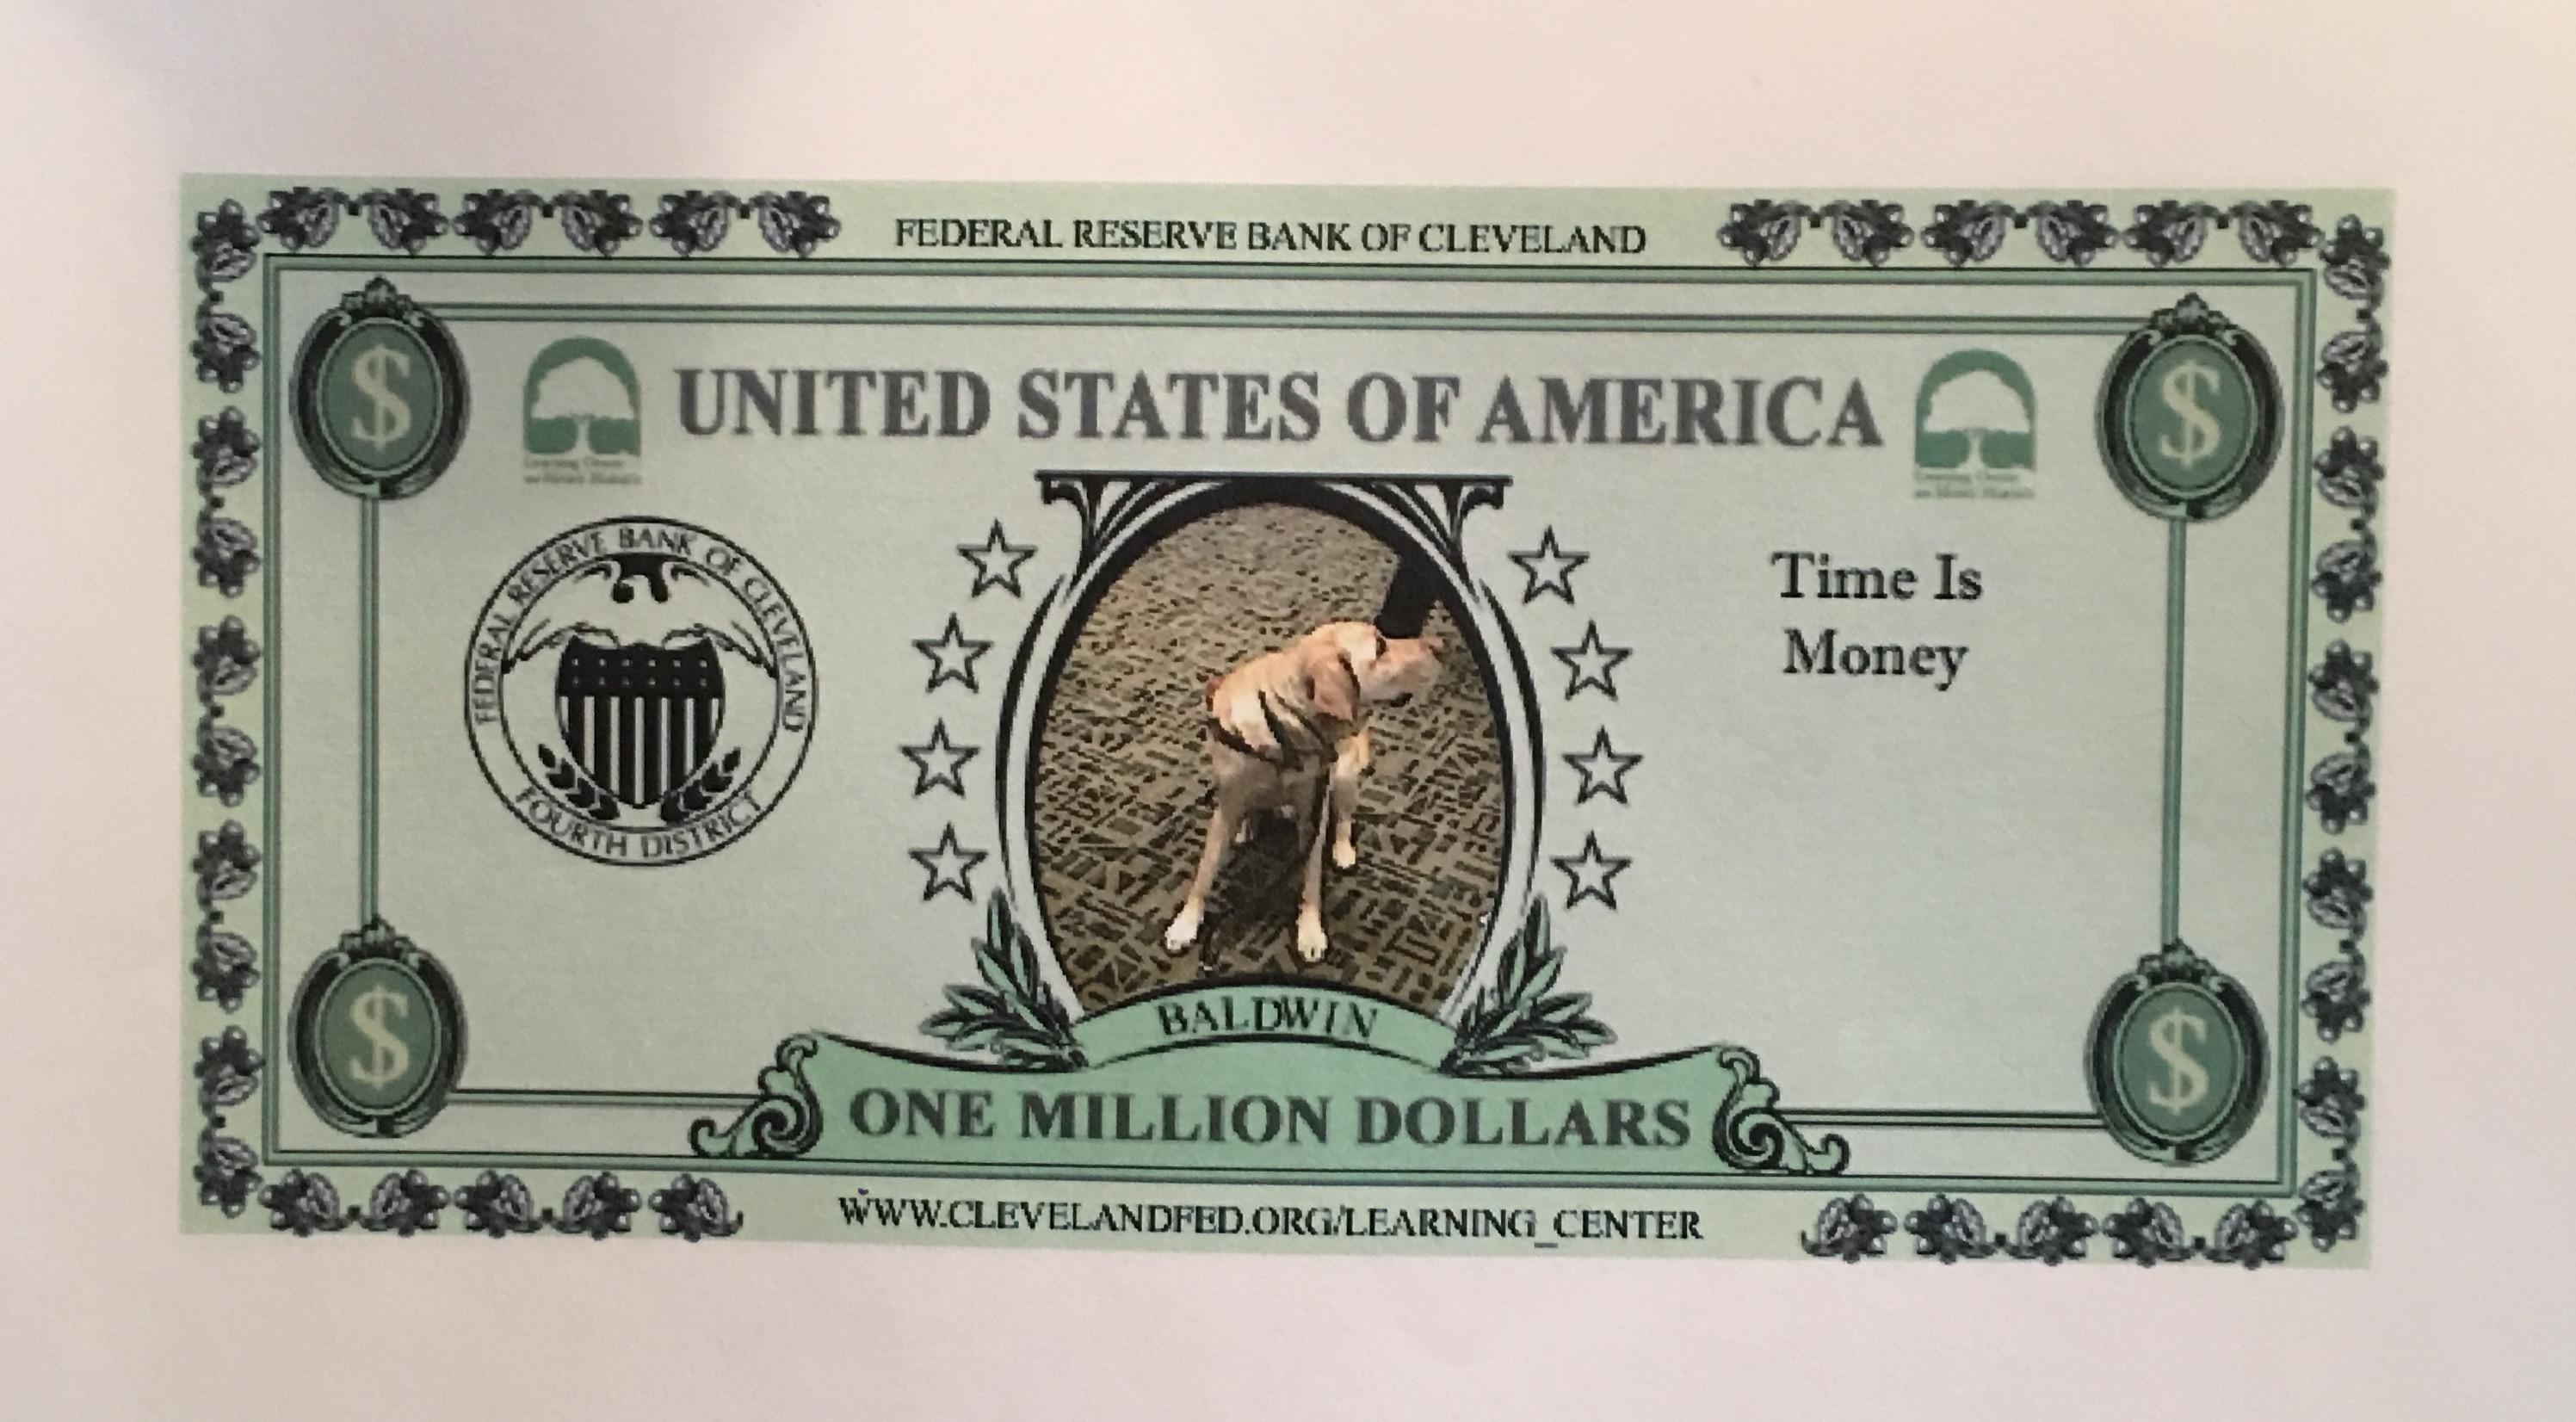 Baldwin made his own money